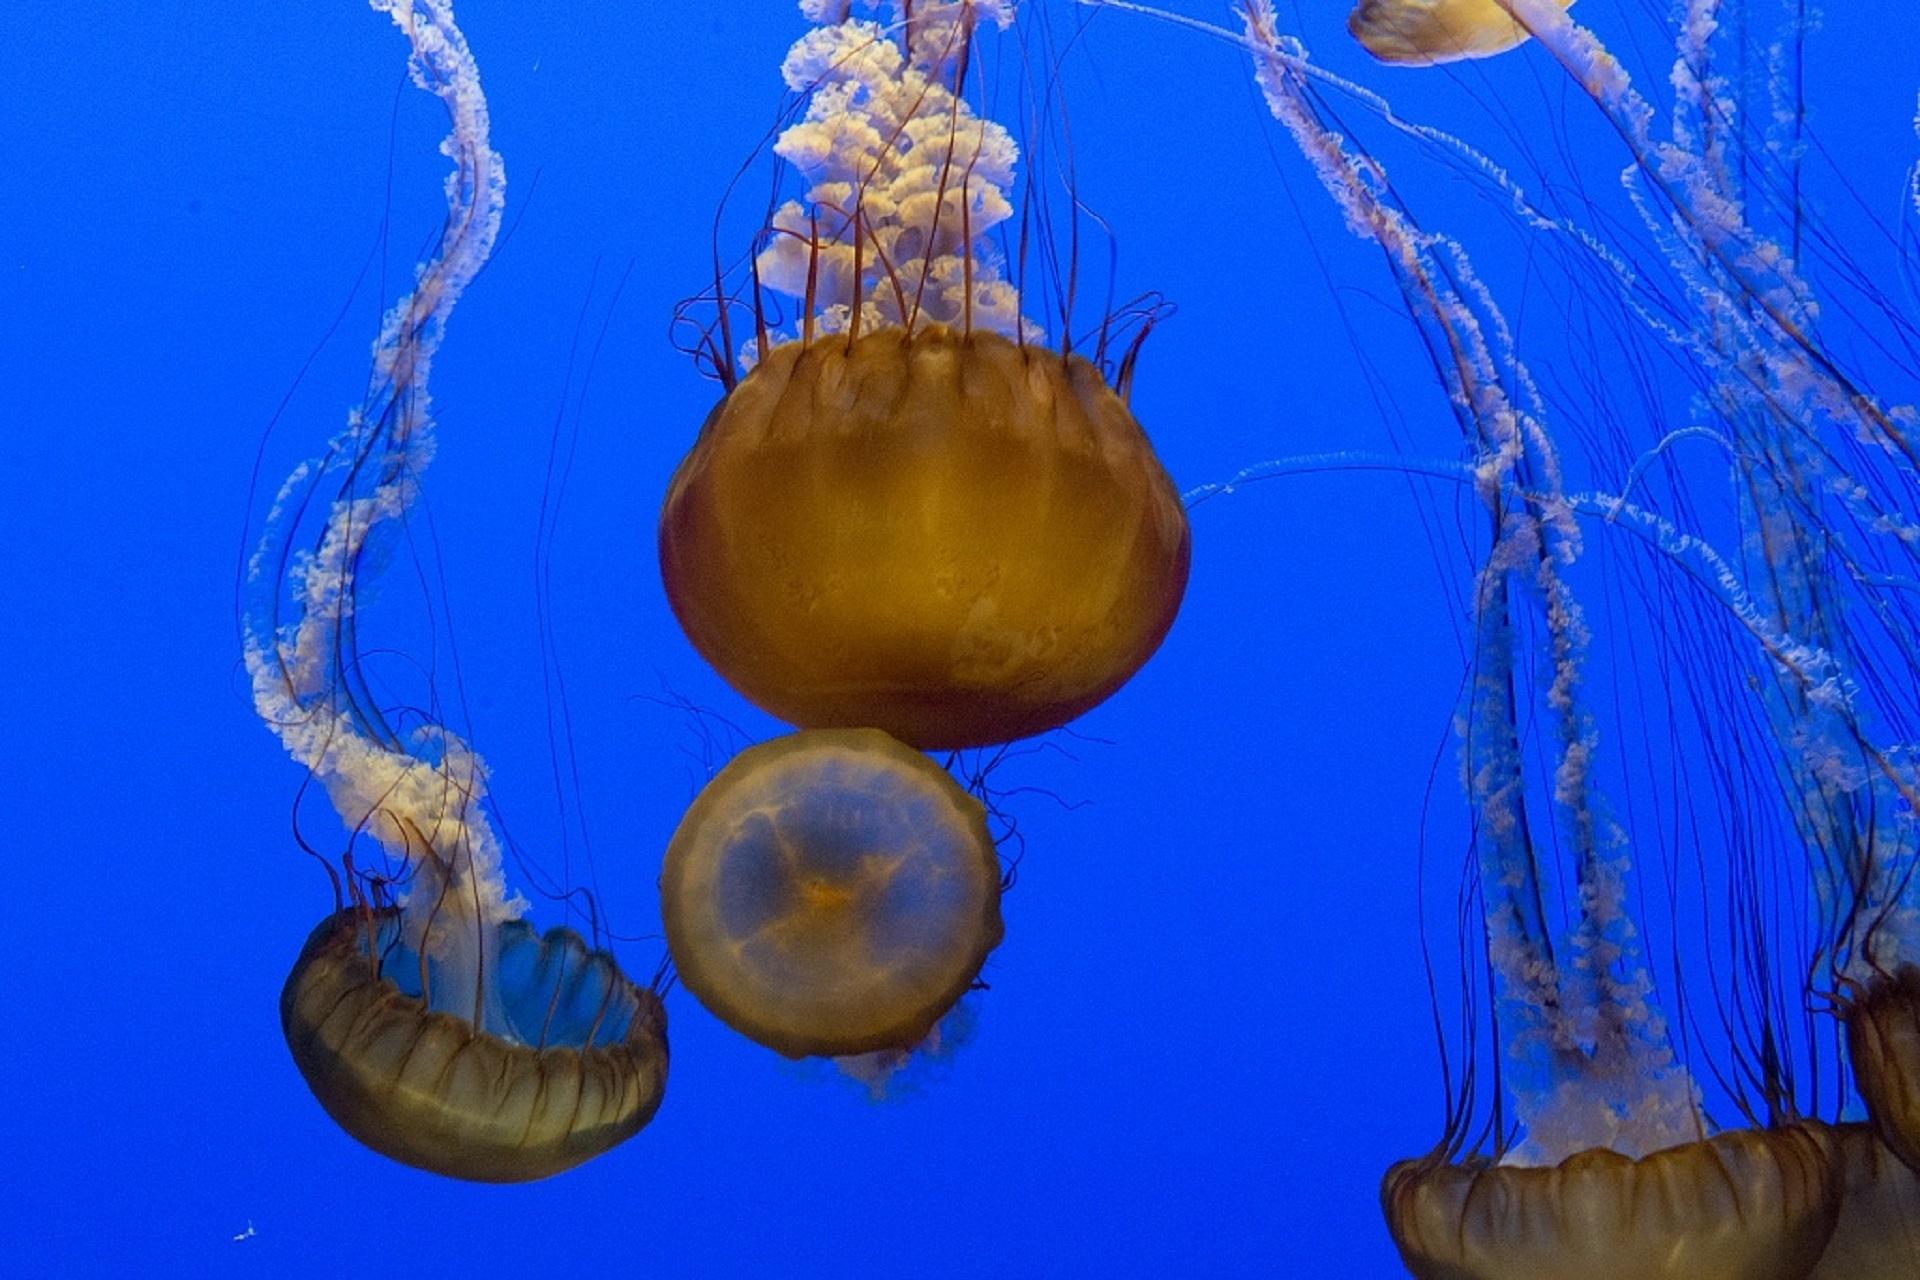 Jellyfish, Marine Life